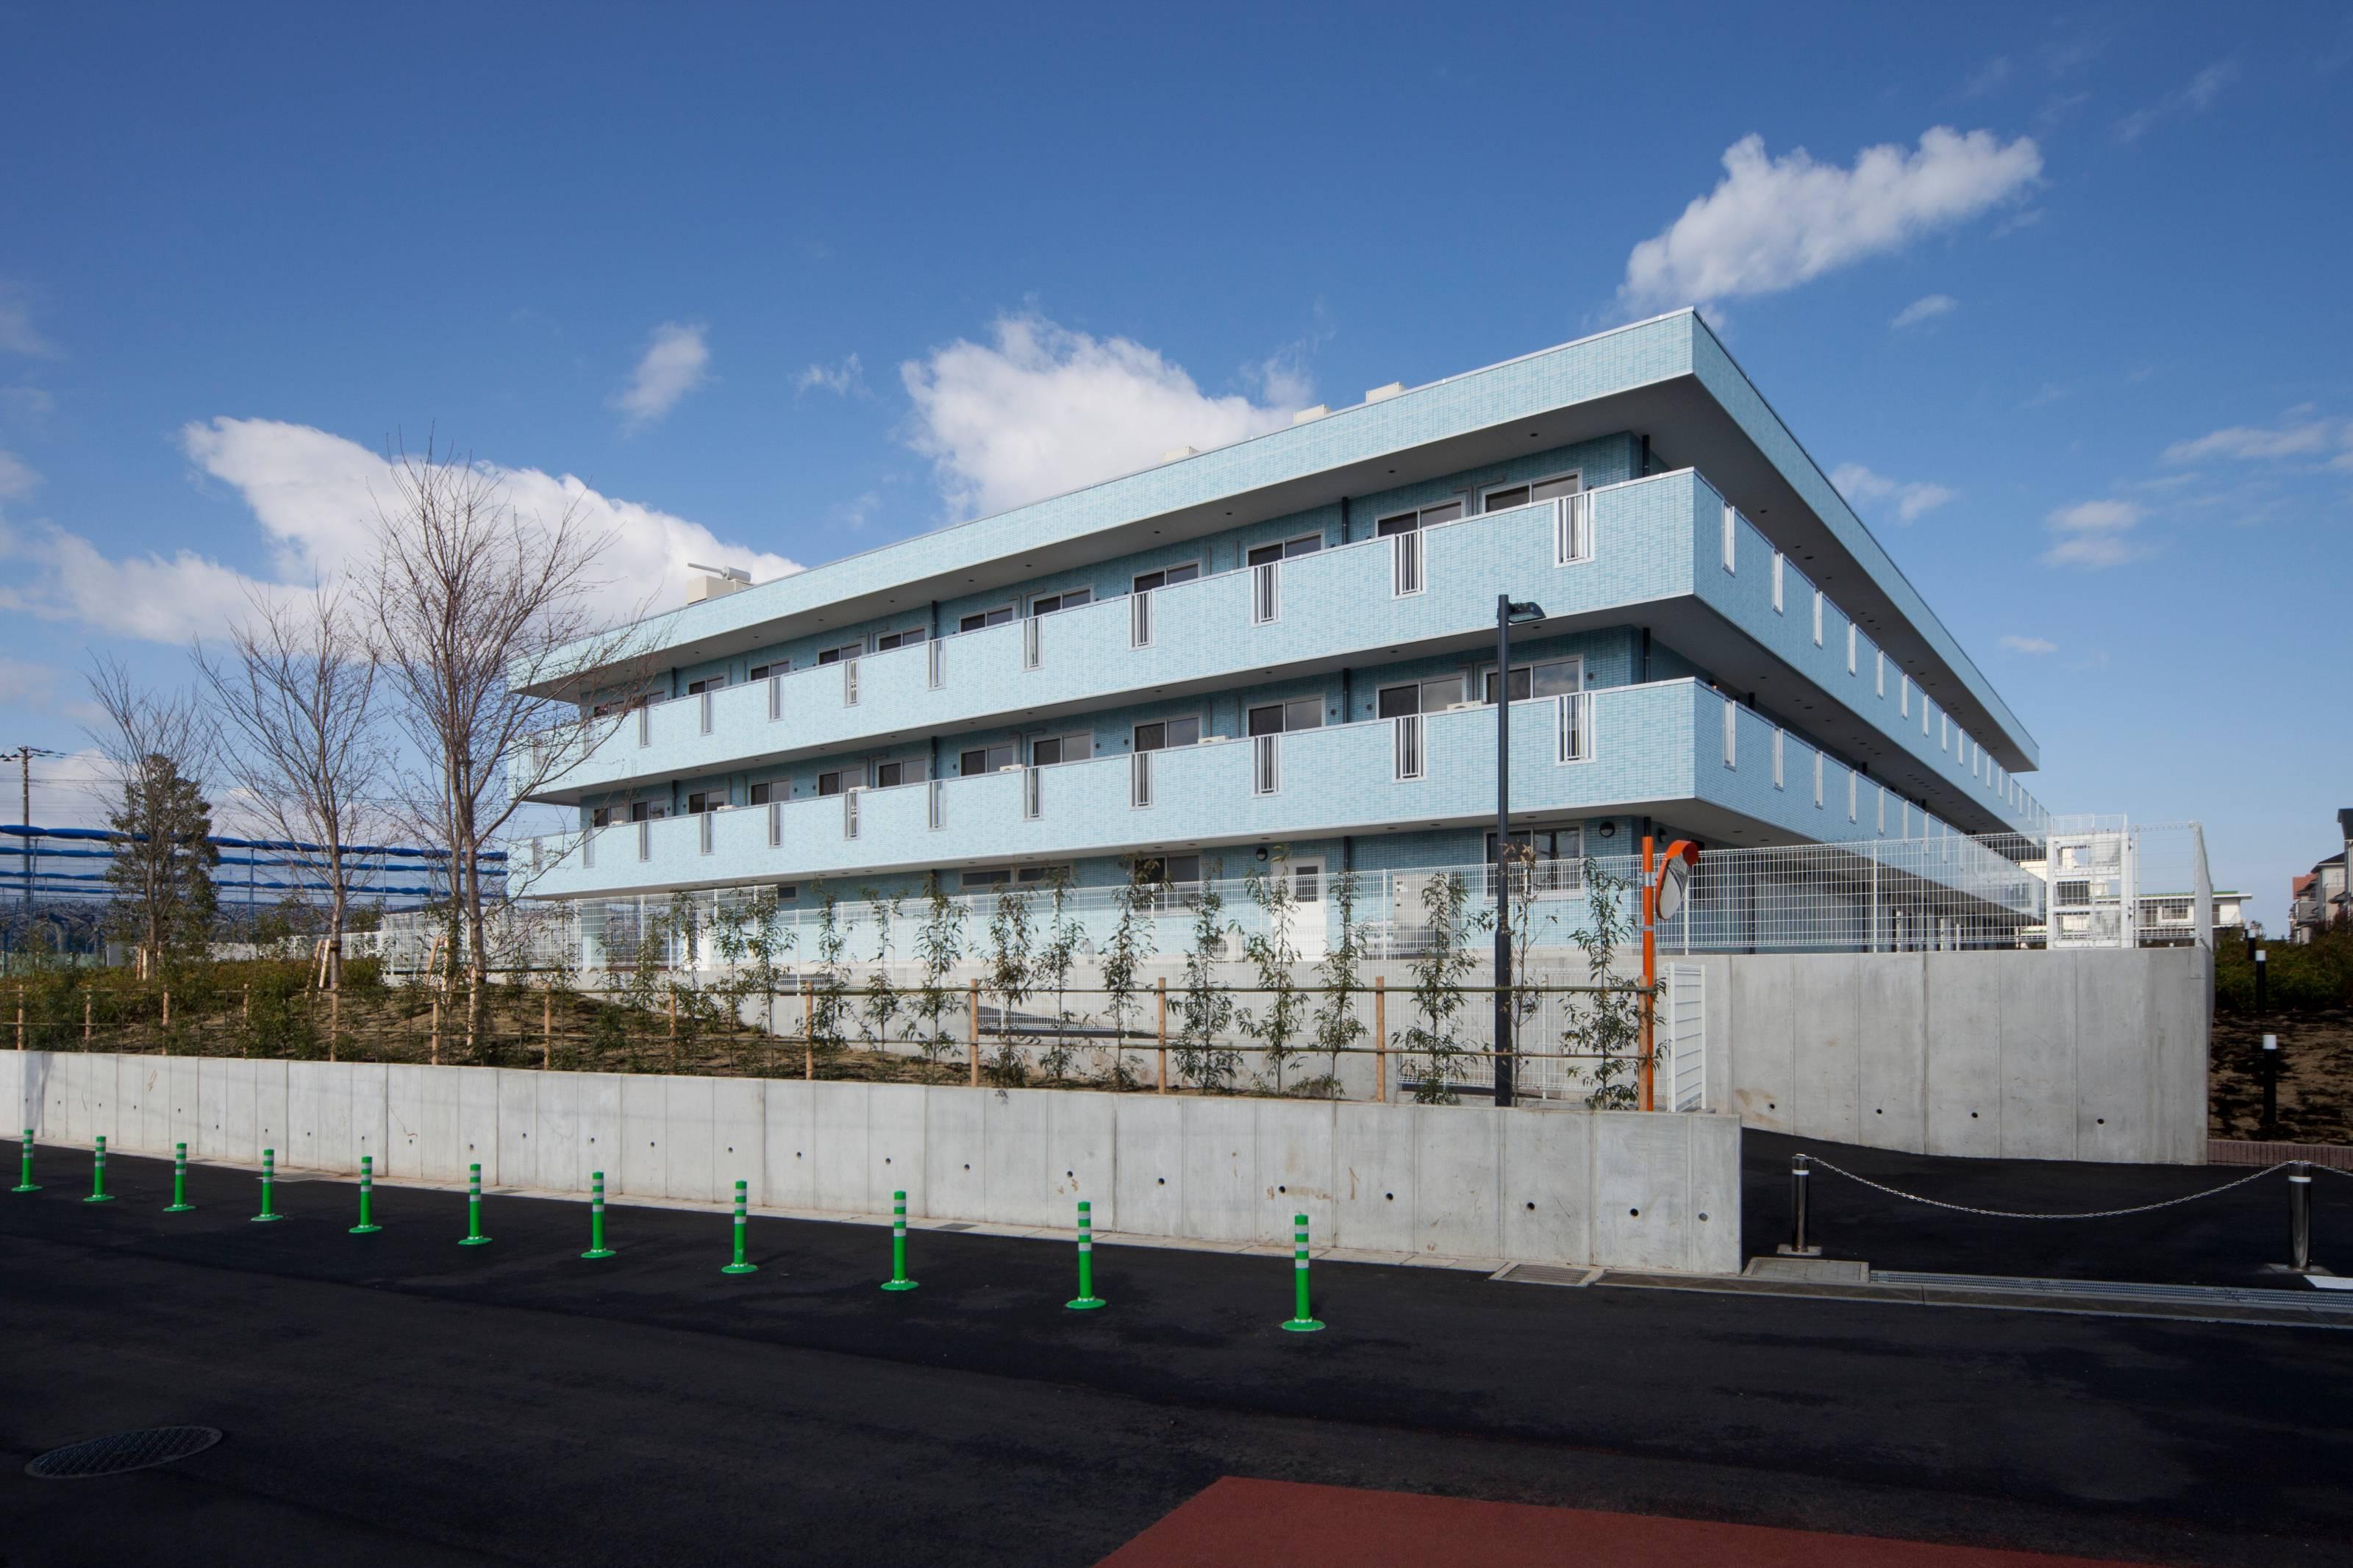 社会福祉法人関西中央福祉会 介護老人福祉施設ケアホーム船橋